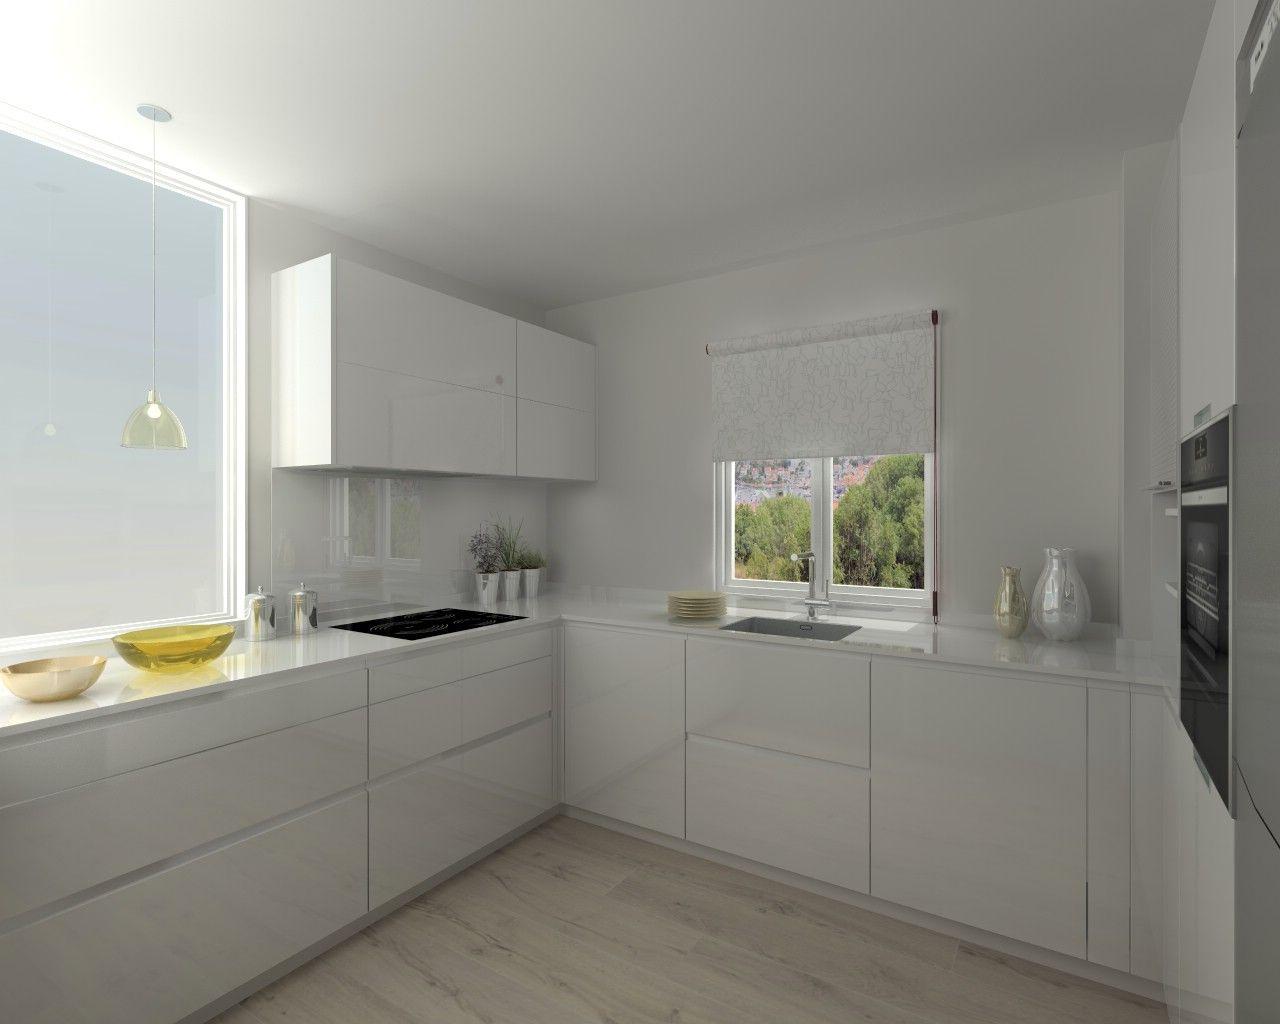 Cocina santos modelo line l blanco brillo encimera for Encimera silestone blanco